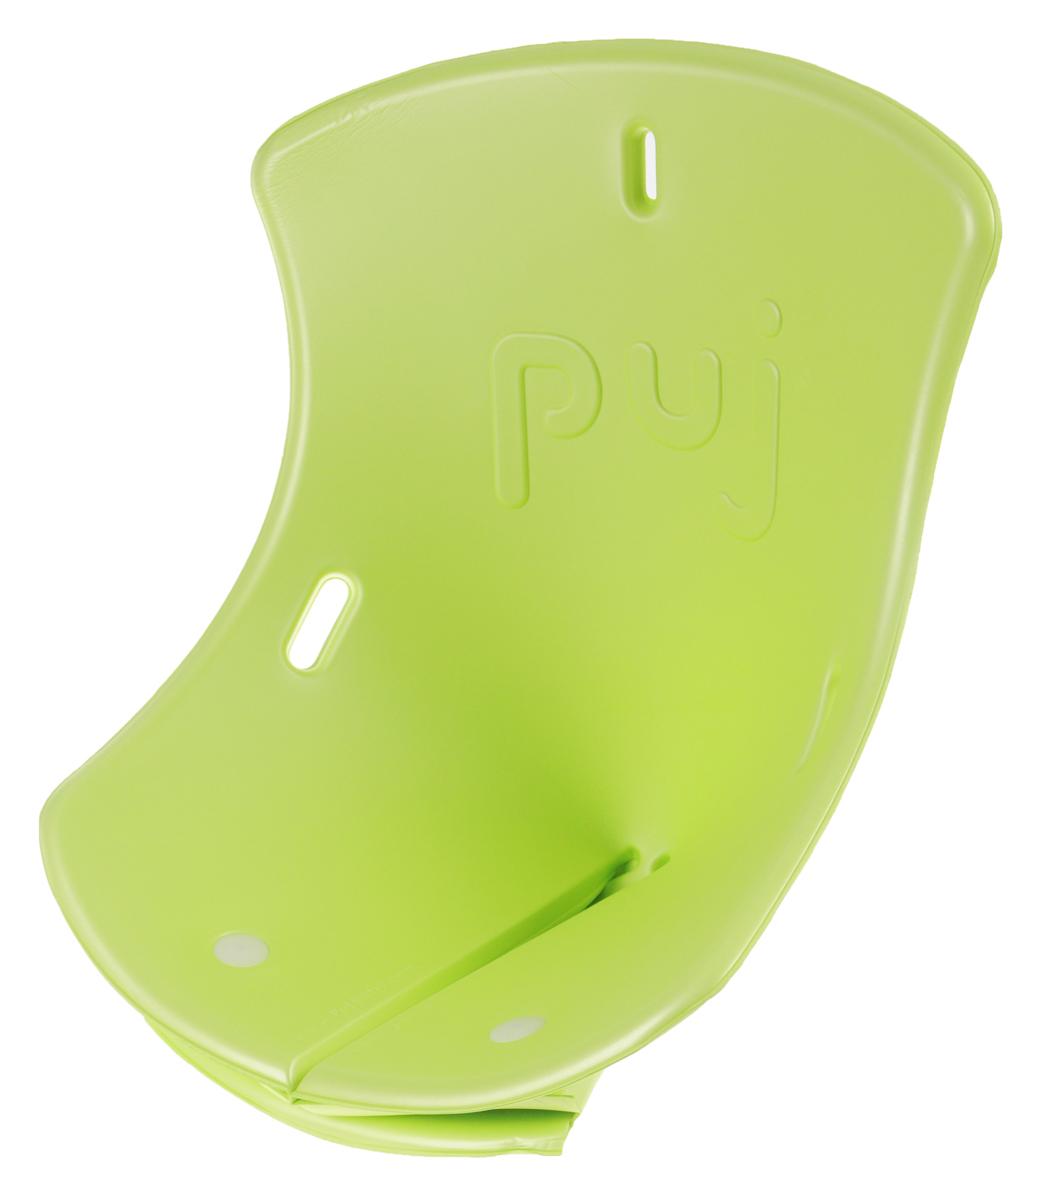 Puj ������� �������� Tub �� 0 �� 6 ������� ���� ��������� - Puj00202������� �������� ��� ������� Puj Tub ��������� ������ ������� � ������� ��������� ����. ��� ������ �� �������� �����������, ������ �� ������� ��� ������������� �����. �������� ������� �� �������� ��� � ���, �� ��������� ���� � ����� ������ ������. ����� ��������� � ������� � ���������� ������� �� ����� ������� ����� ��������. ����� ��������� ��������, ���������� � �������. ����� �������� ���������� ��� ������������� ���� � � ������������, ��� ����� ��������� � ��������� ���������, ��������� ���� �� ����� �������. ����� �������� ��� ����������� ������� �� ���������� � ������� � ������. �������� �������� �� ������� � ������. �������, �������� �� ����� � ������� � ��������� �������� �� ������ ����� ����� � �������� ������� �������. � ����� ��������� ����� ������� ������ ������� � �������� ��� ��� ������, ��� � ��� ��� ���������.